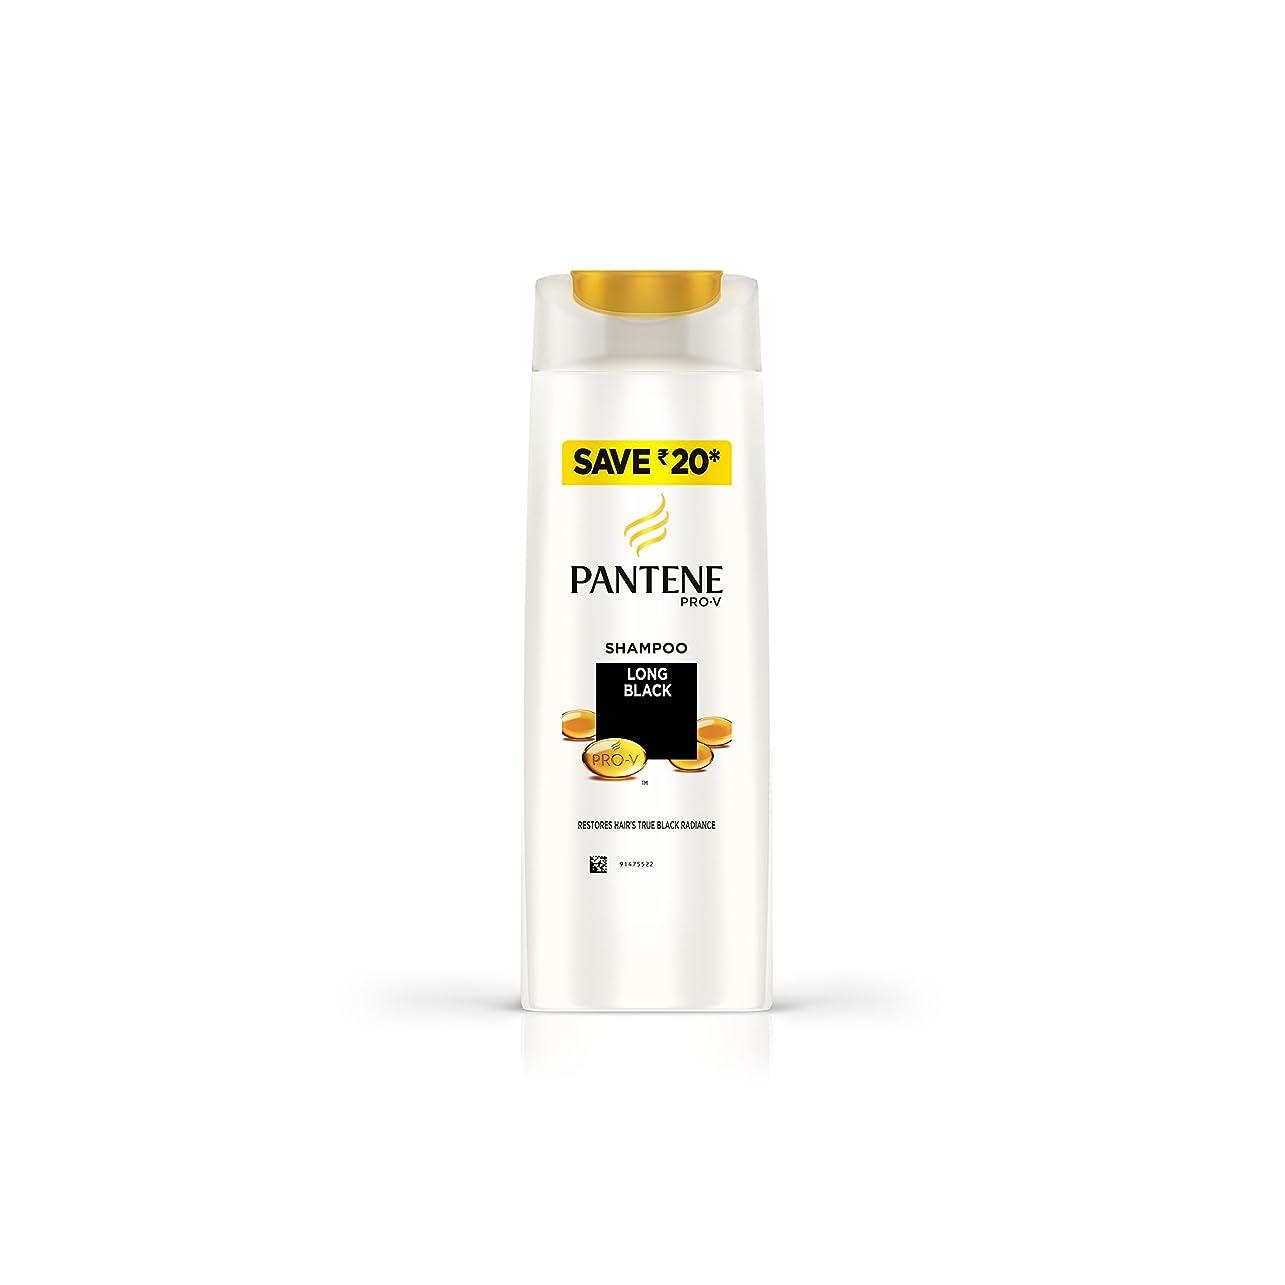 圧縮する開示する利用可能PANTENE LONG BLACK SHAMPOO 180 ml (パンテーンロングブラックシャンプー180 ml)